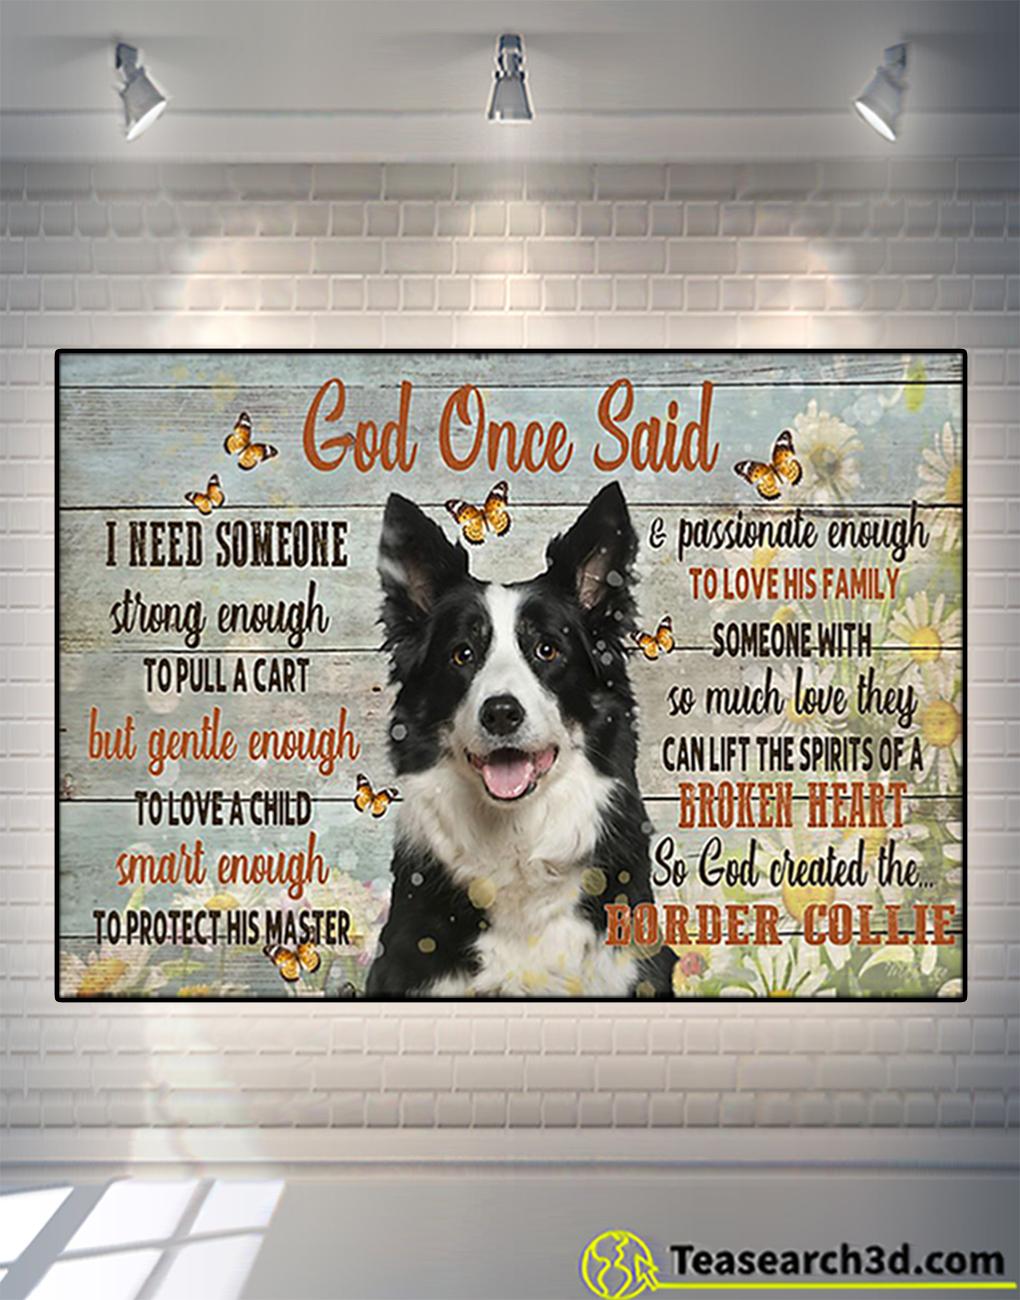 Border collie god once said poster